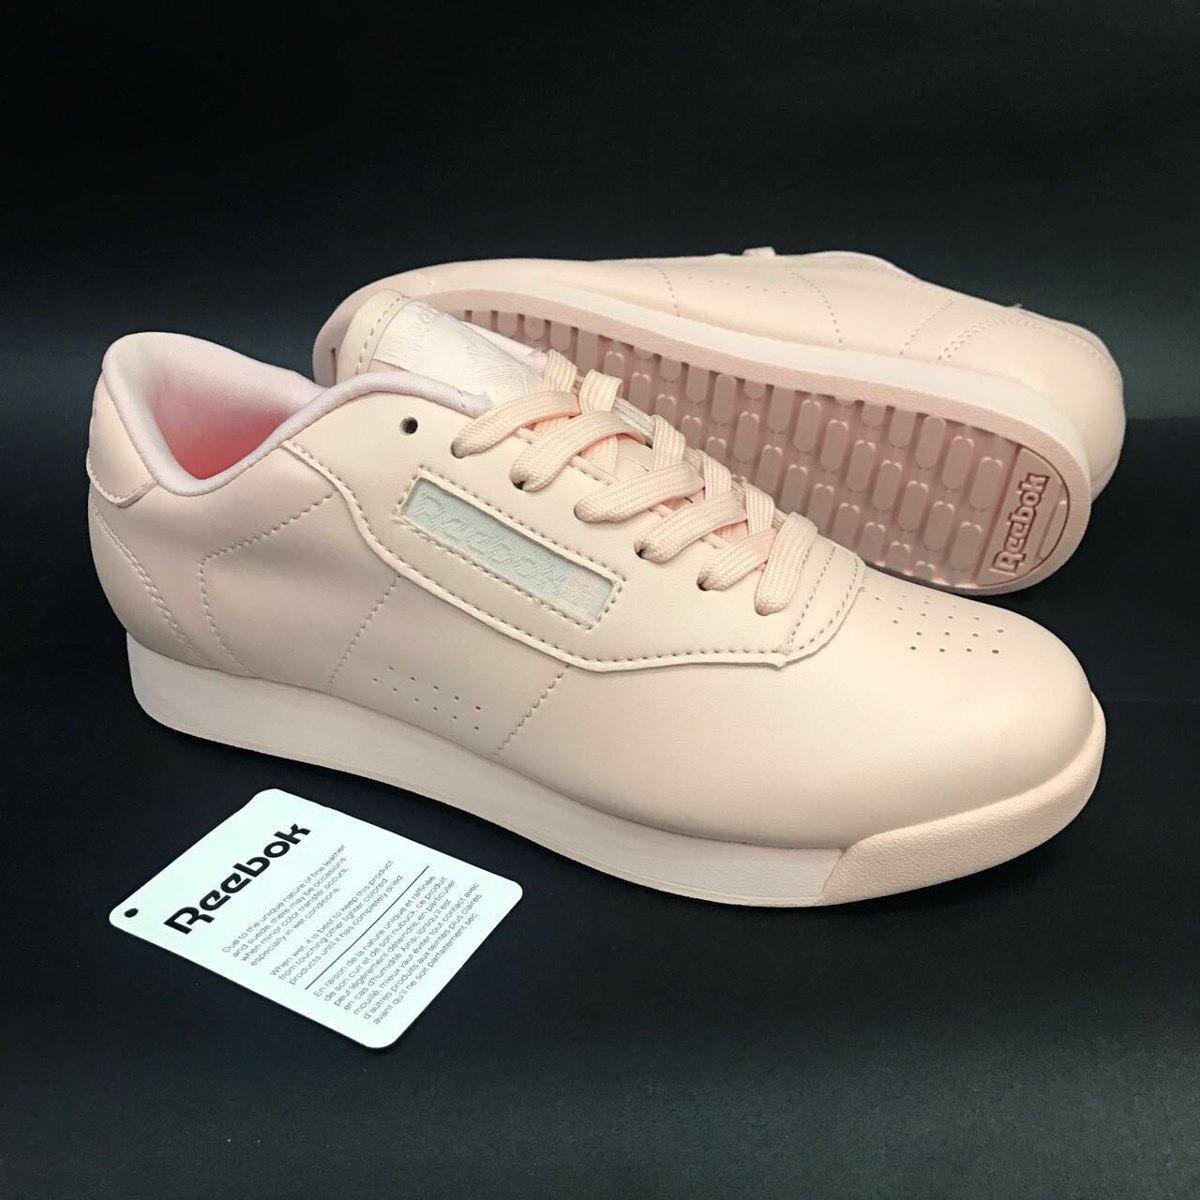 0a5039c31d51b Tenis Zapatillas Reebok Princess Premiun Mujer Envio Gratis ...